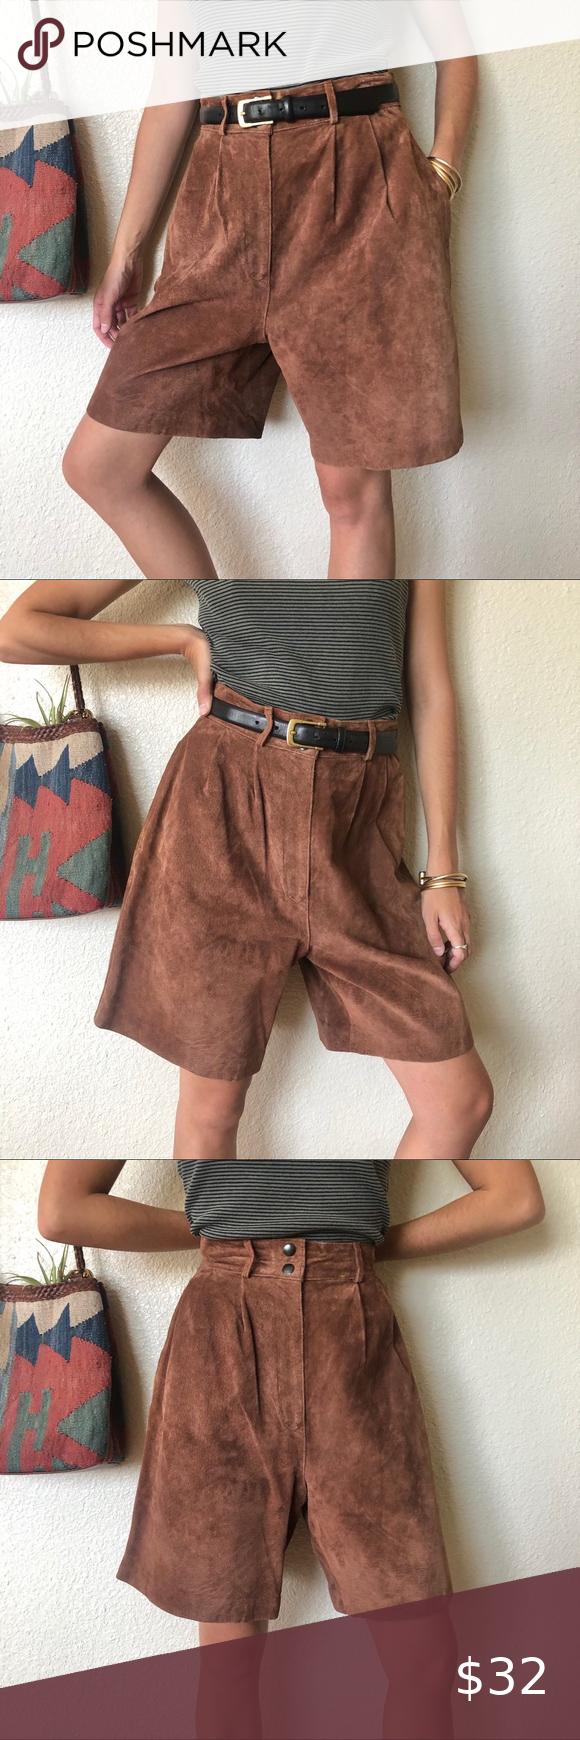 Vintage 80/'s High Waist Brown Shorts